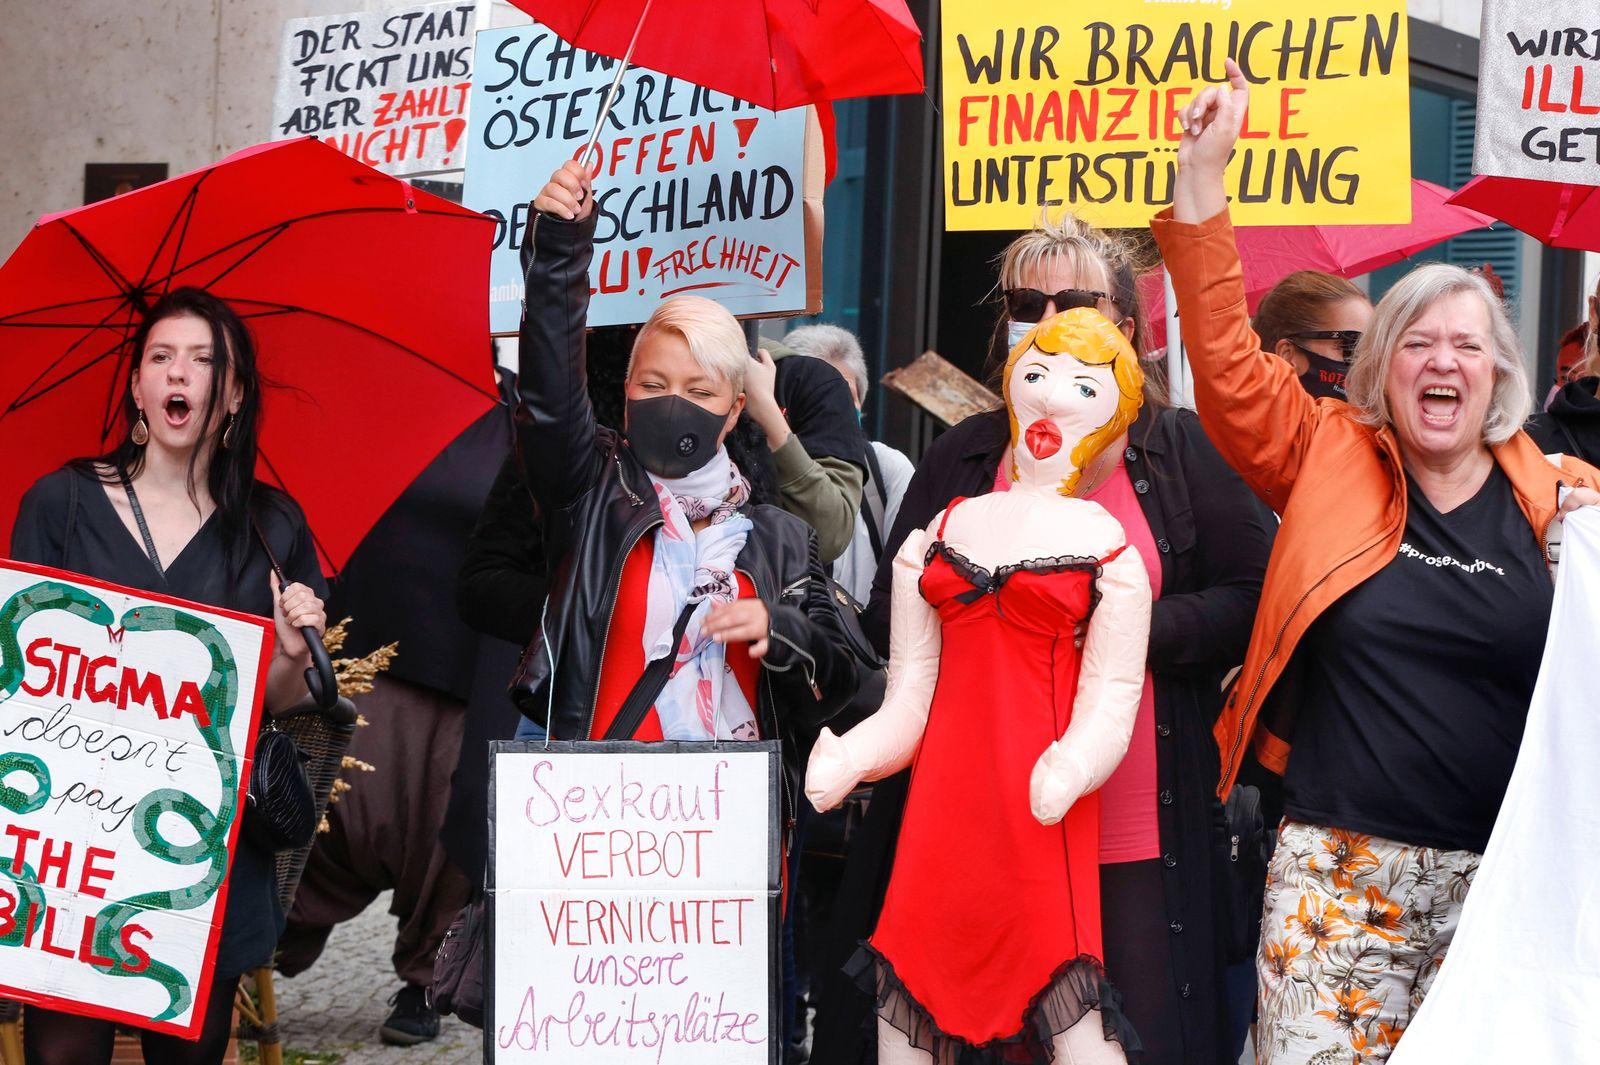 Protestaktion Berufsverband Sexarbeit gegen die Corona-Auflagen Berlin, DEU, 03.07.2020 - Sexarbeiterinnen demonstriere